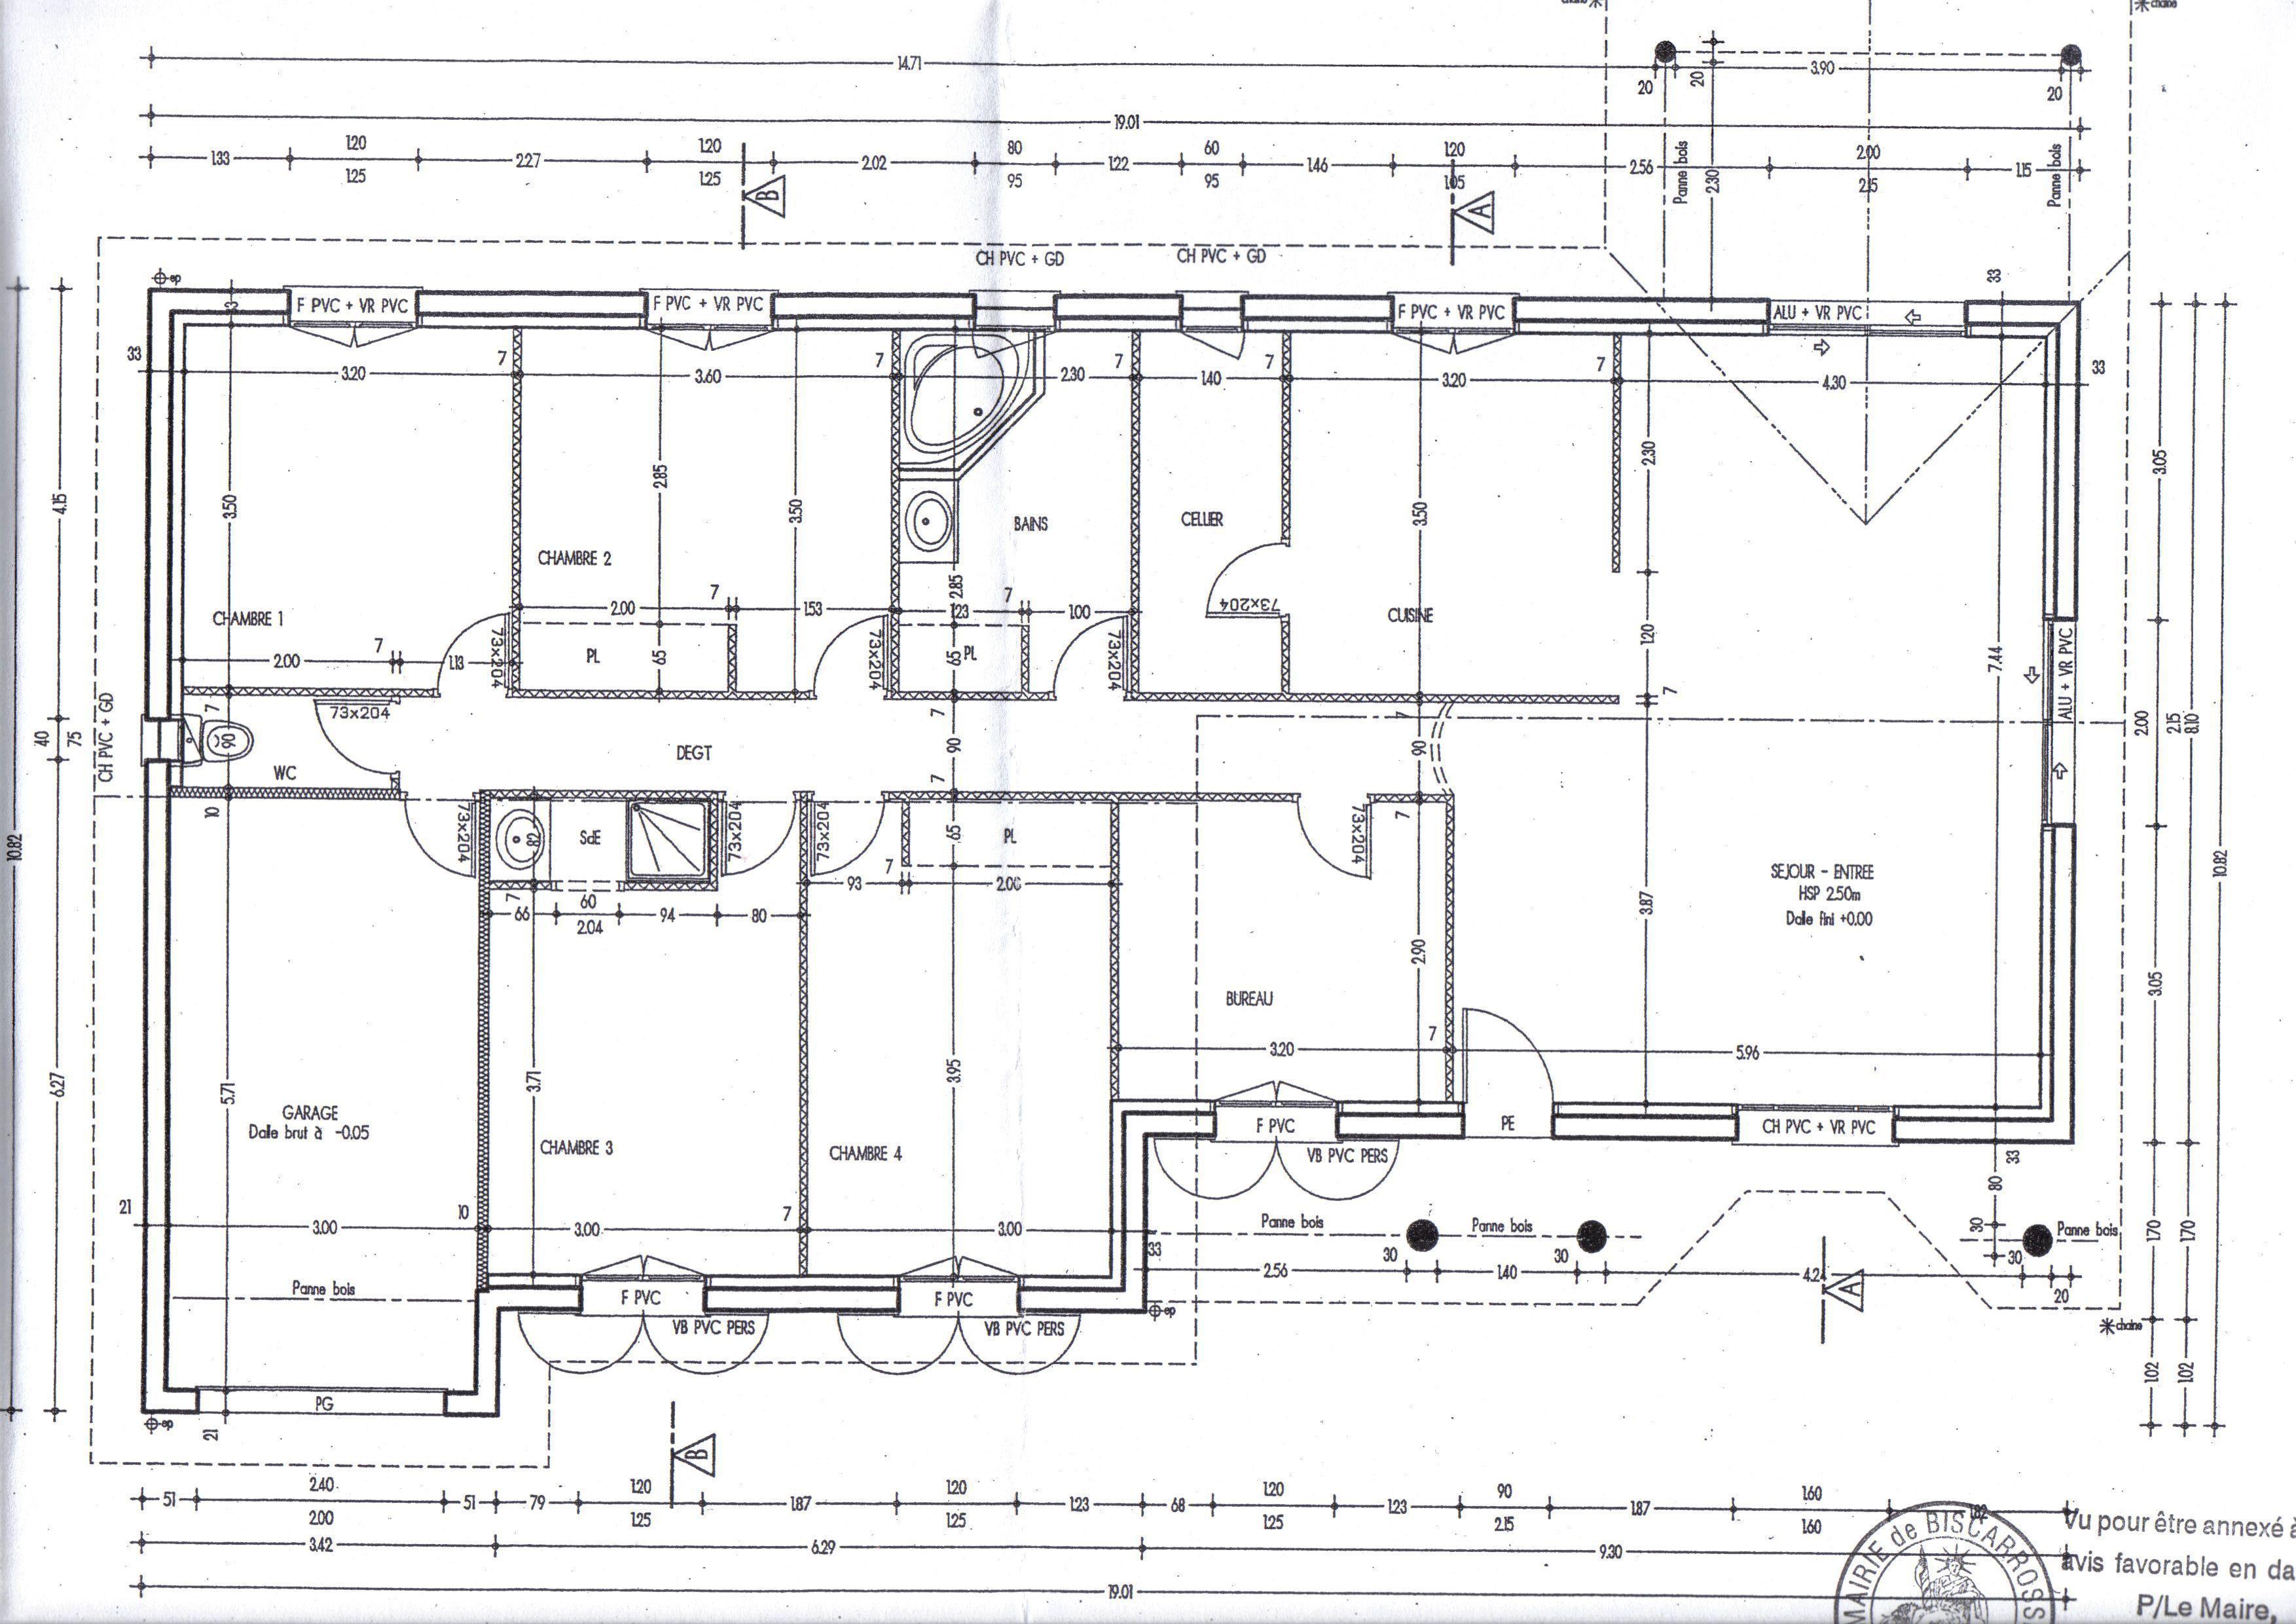 Le plan de la maison for Le plan de la maison